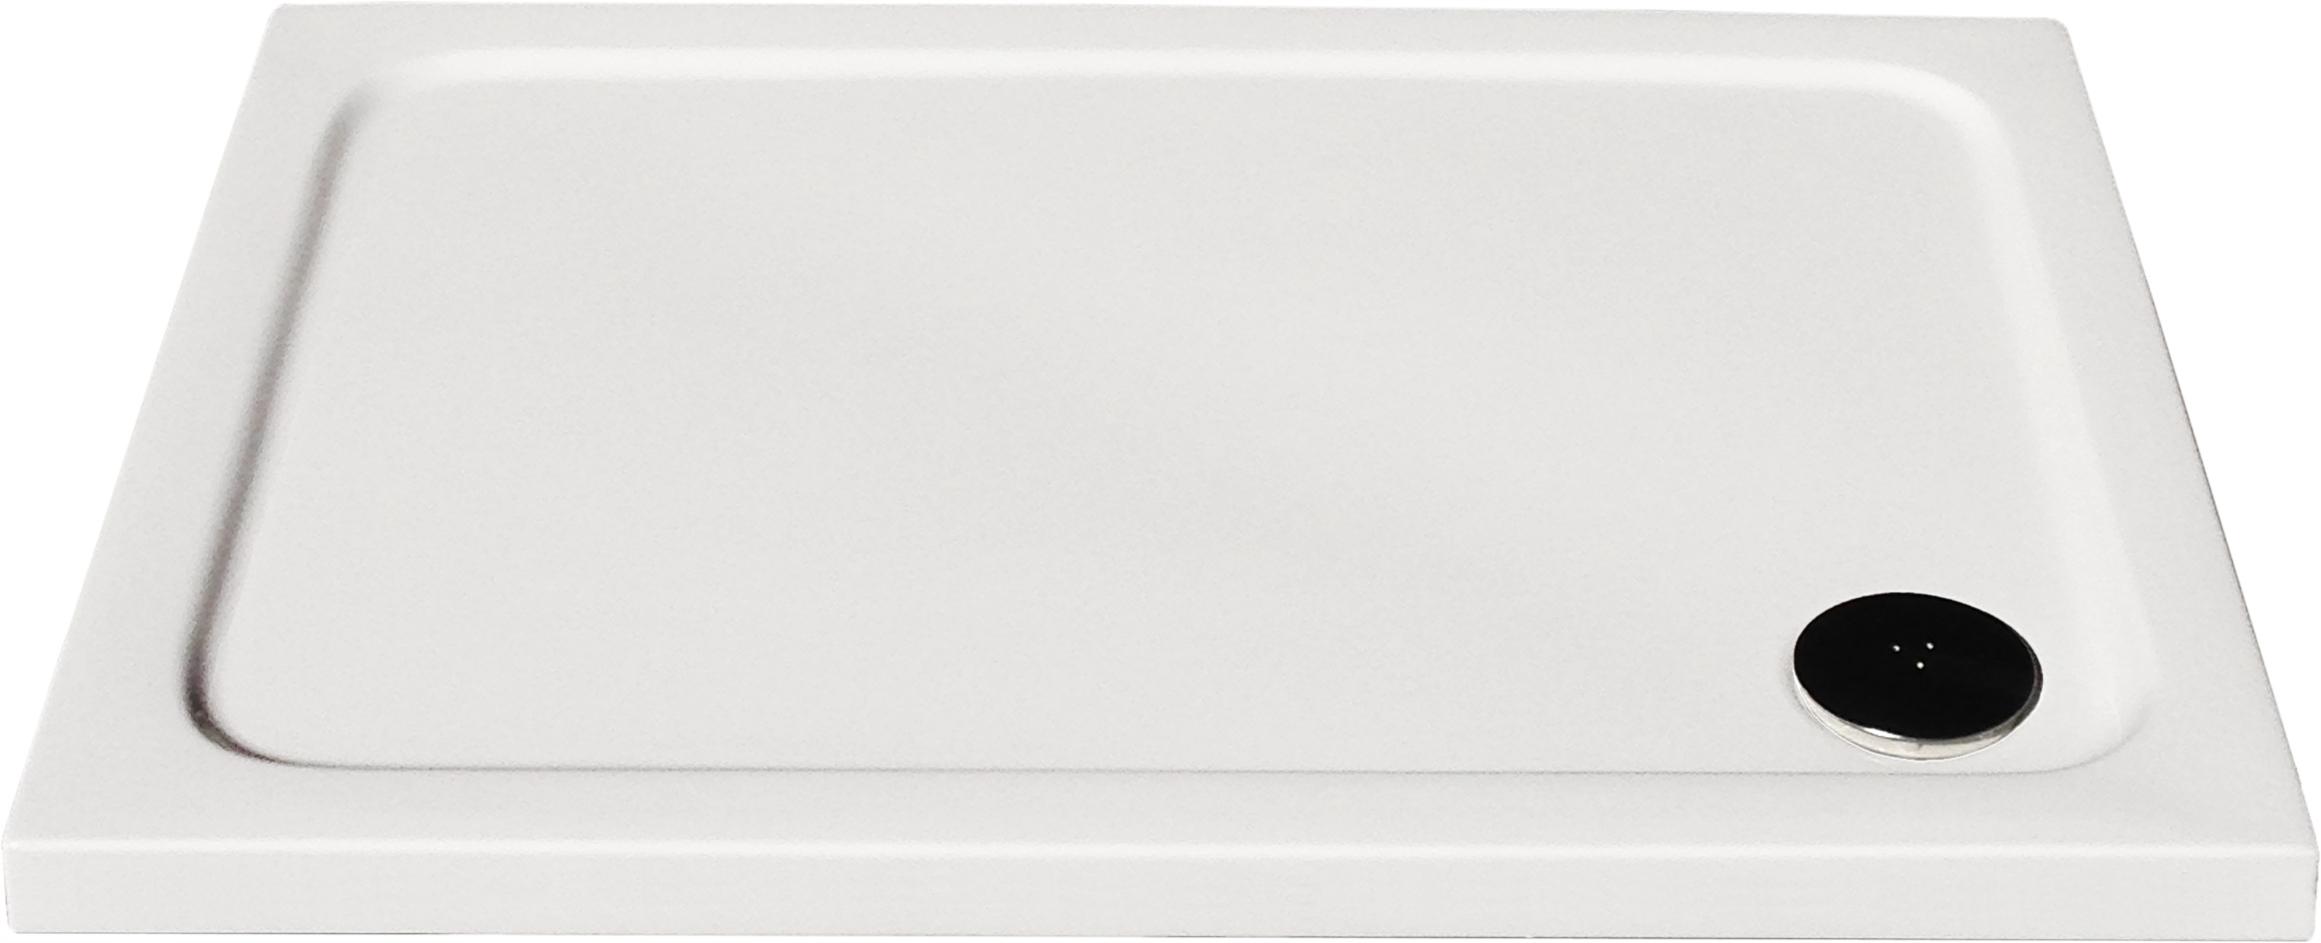 Plochá sprchová vanička 150 cm x 100 cm ULTRA PLUS 3 cm so sifónom